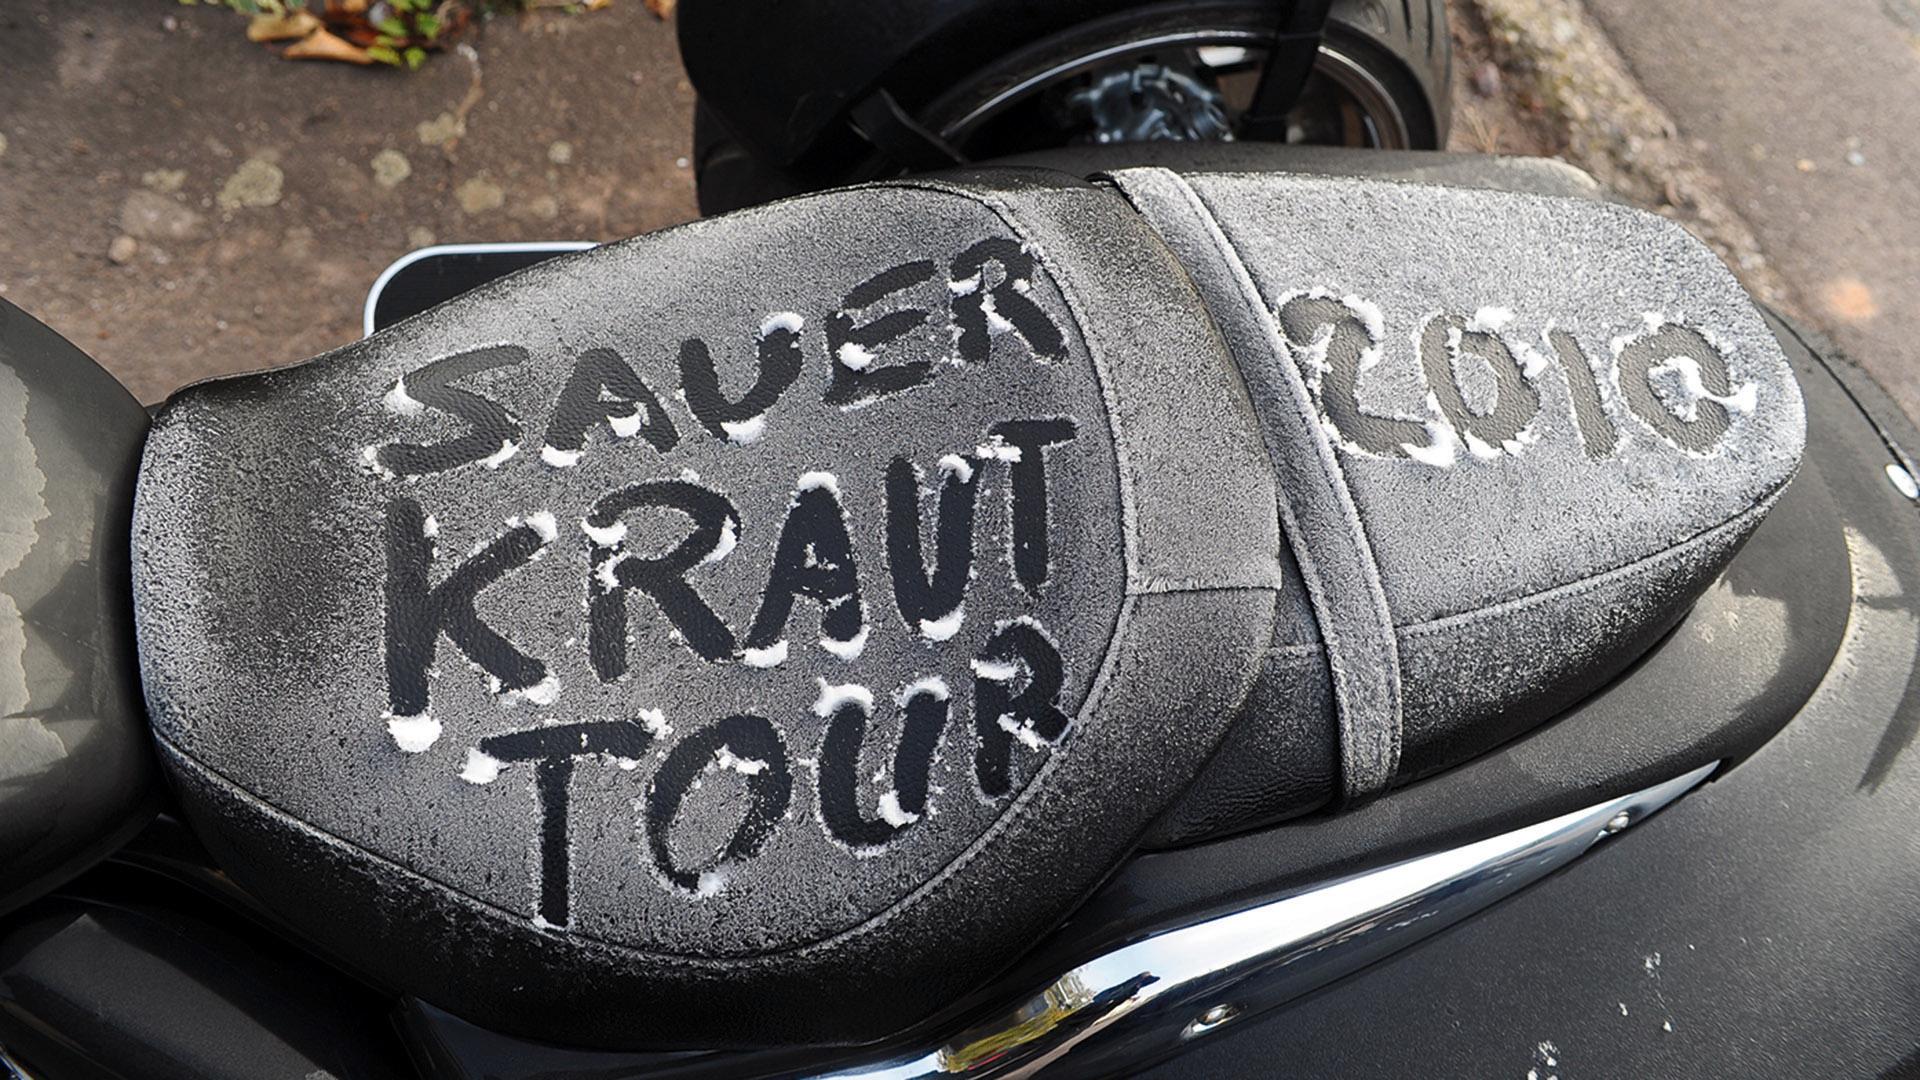 Sauerkrauttour